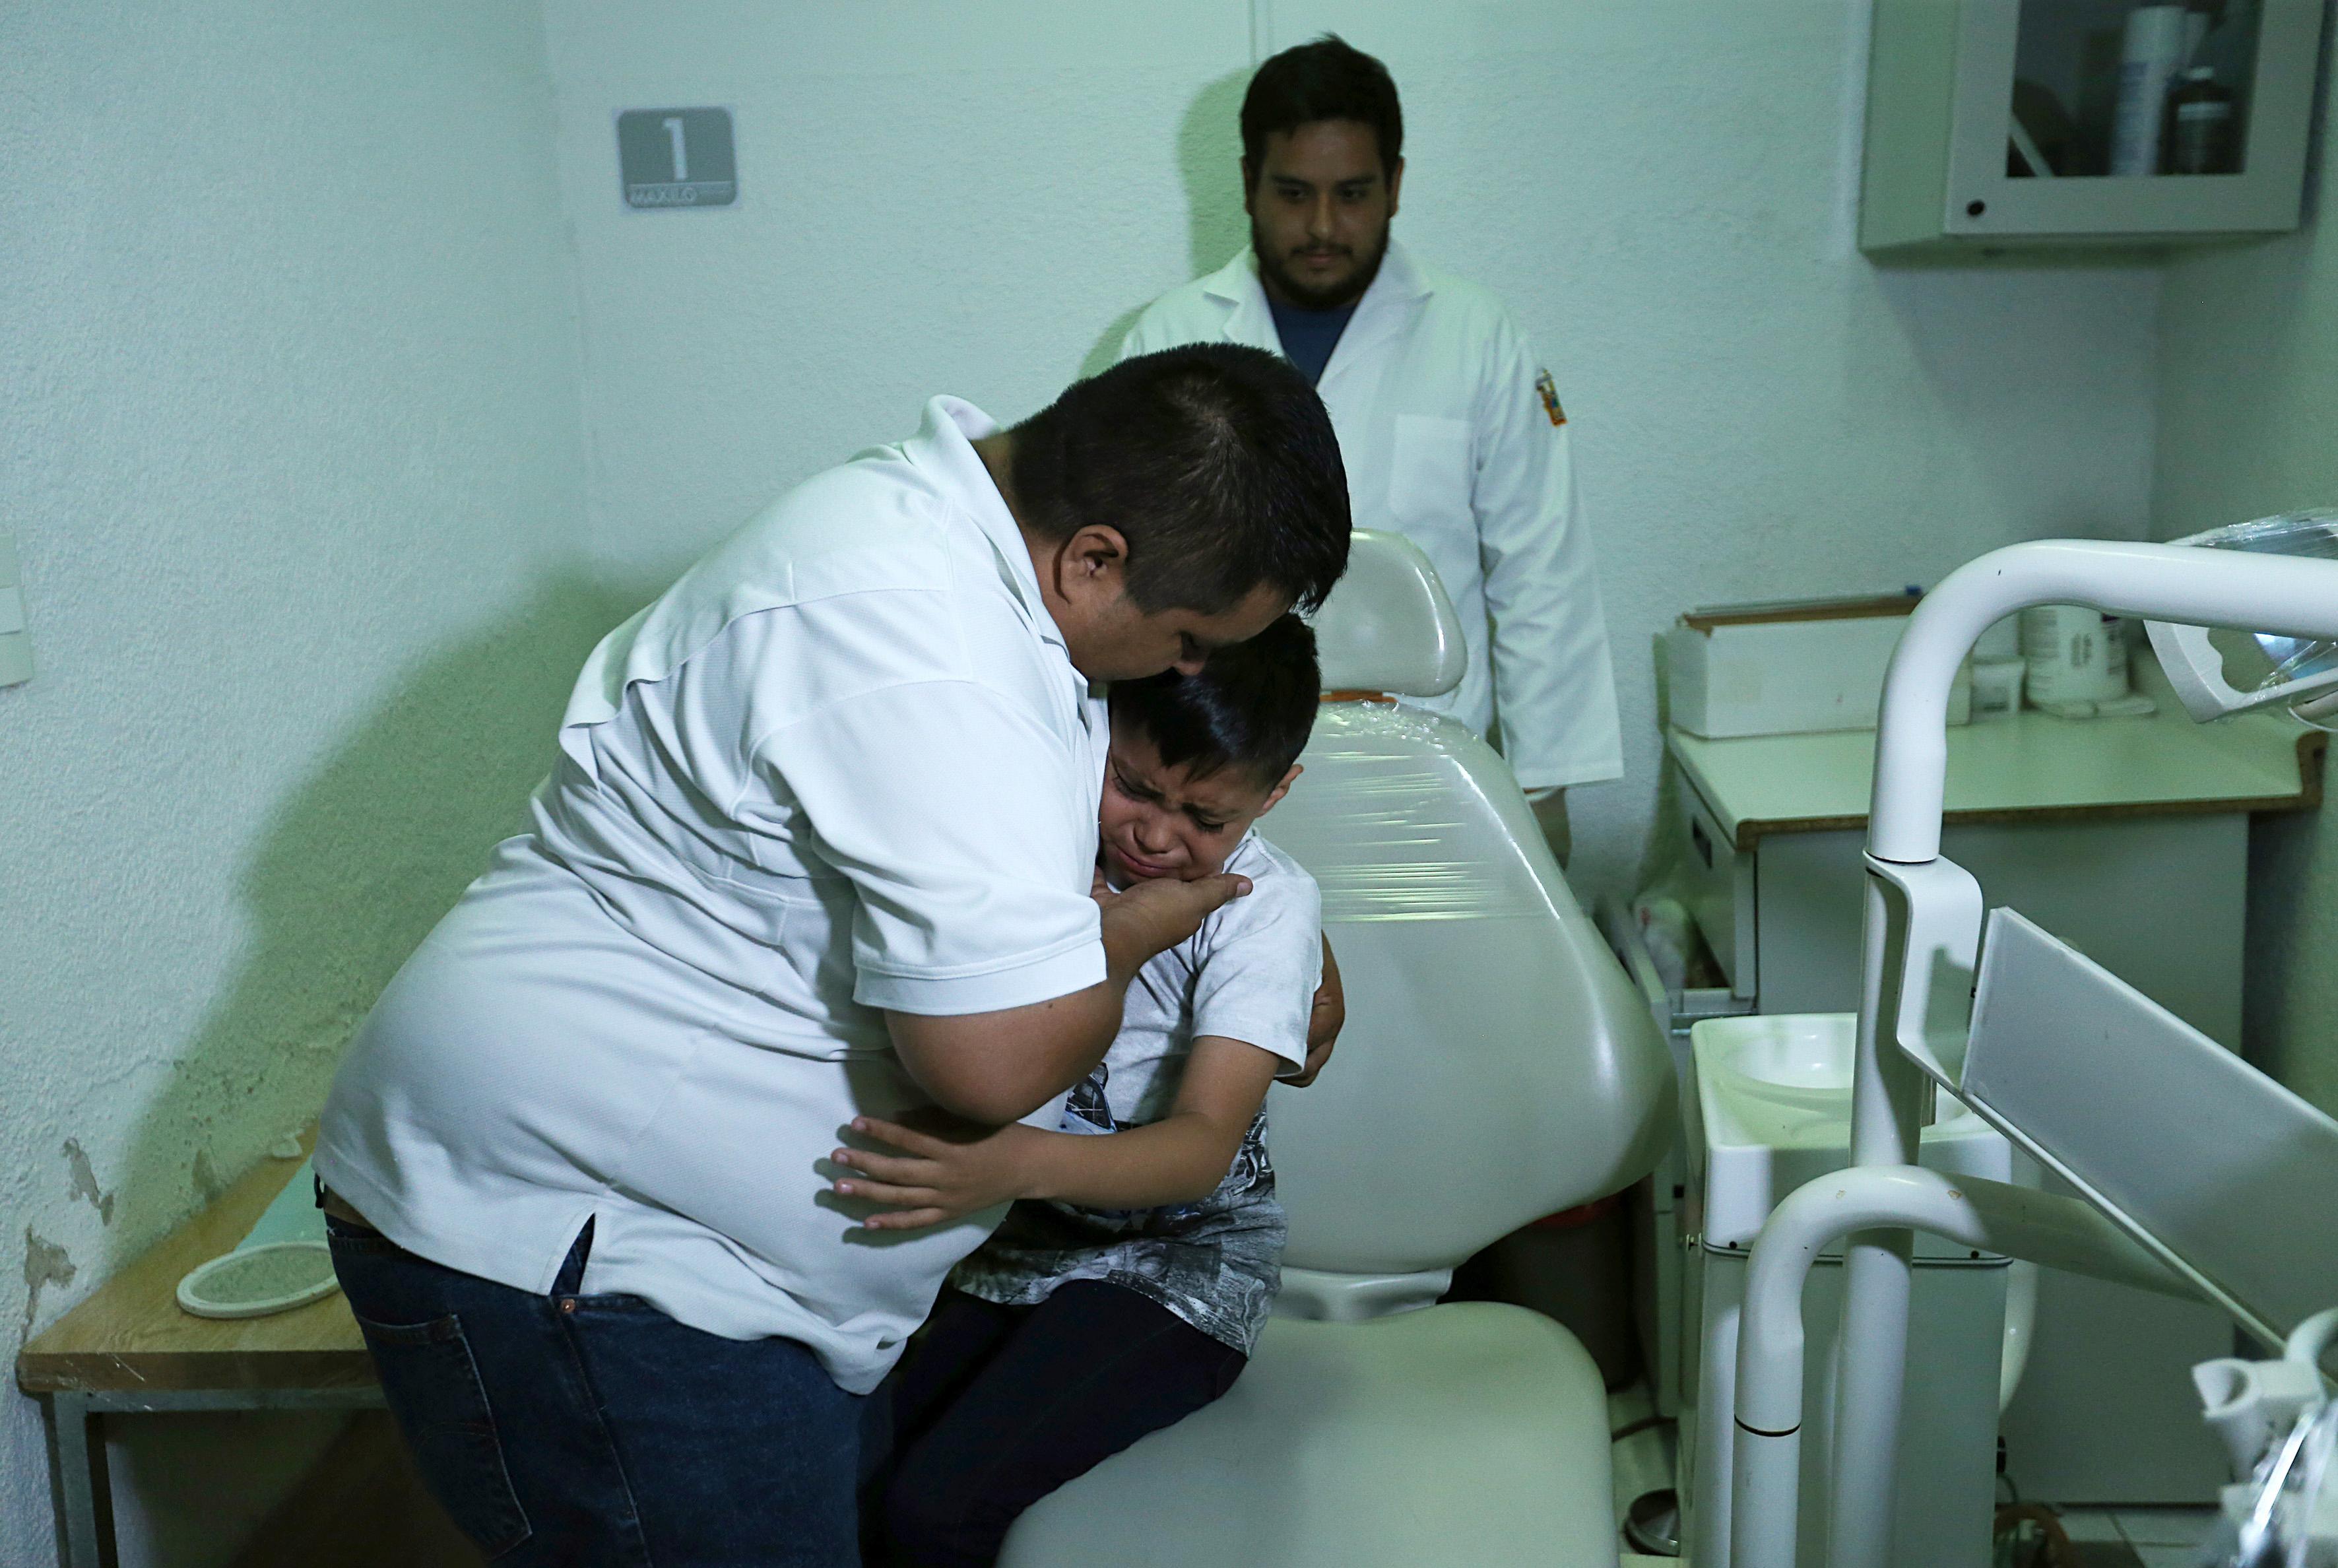 Joseph Gael es abrazado por su papá porque visiblemente emocionado el niño lloró al verse con la prótesis